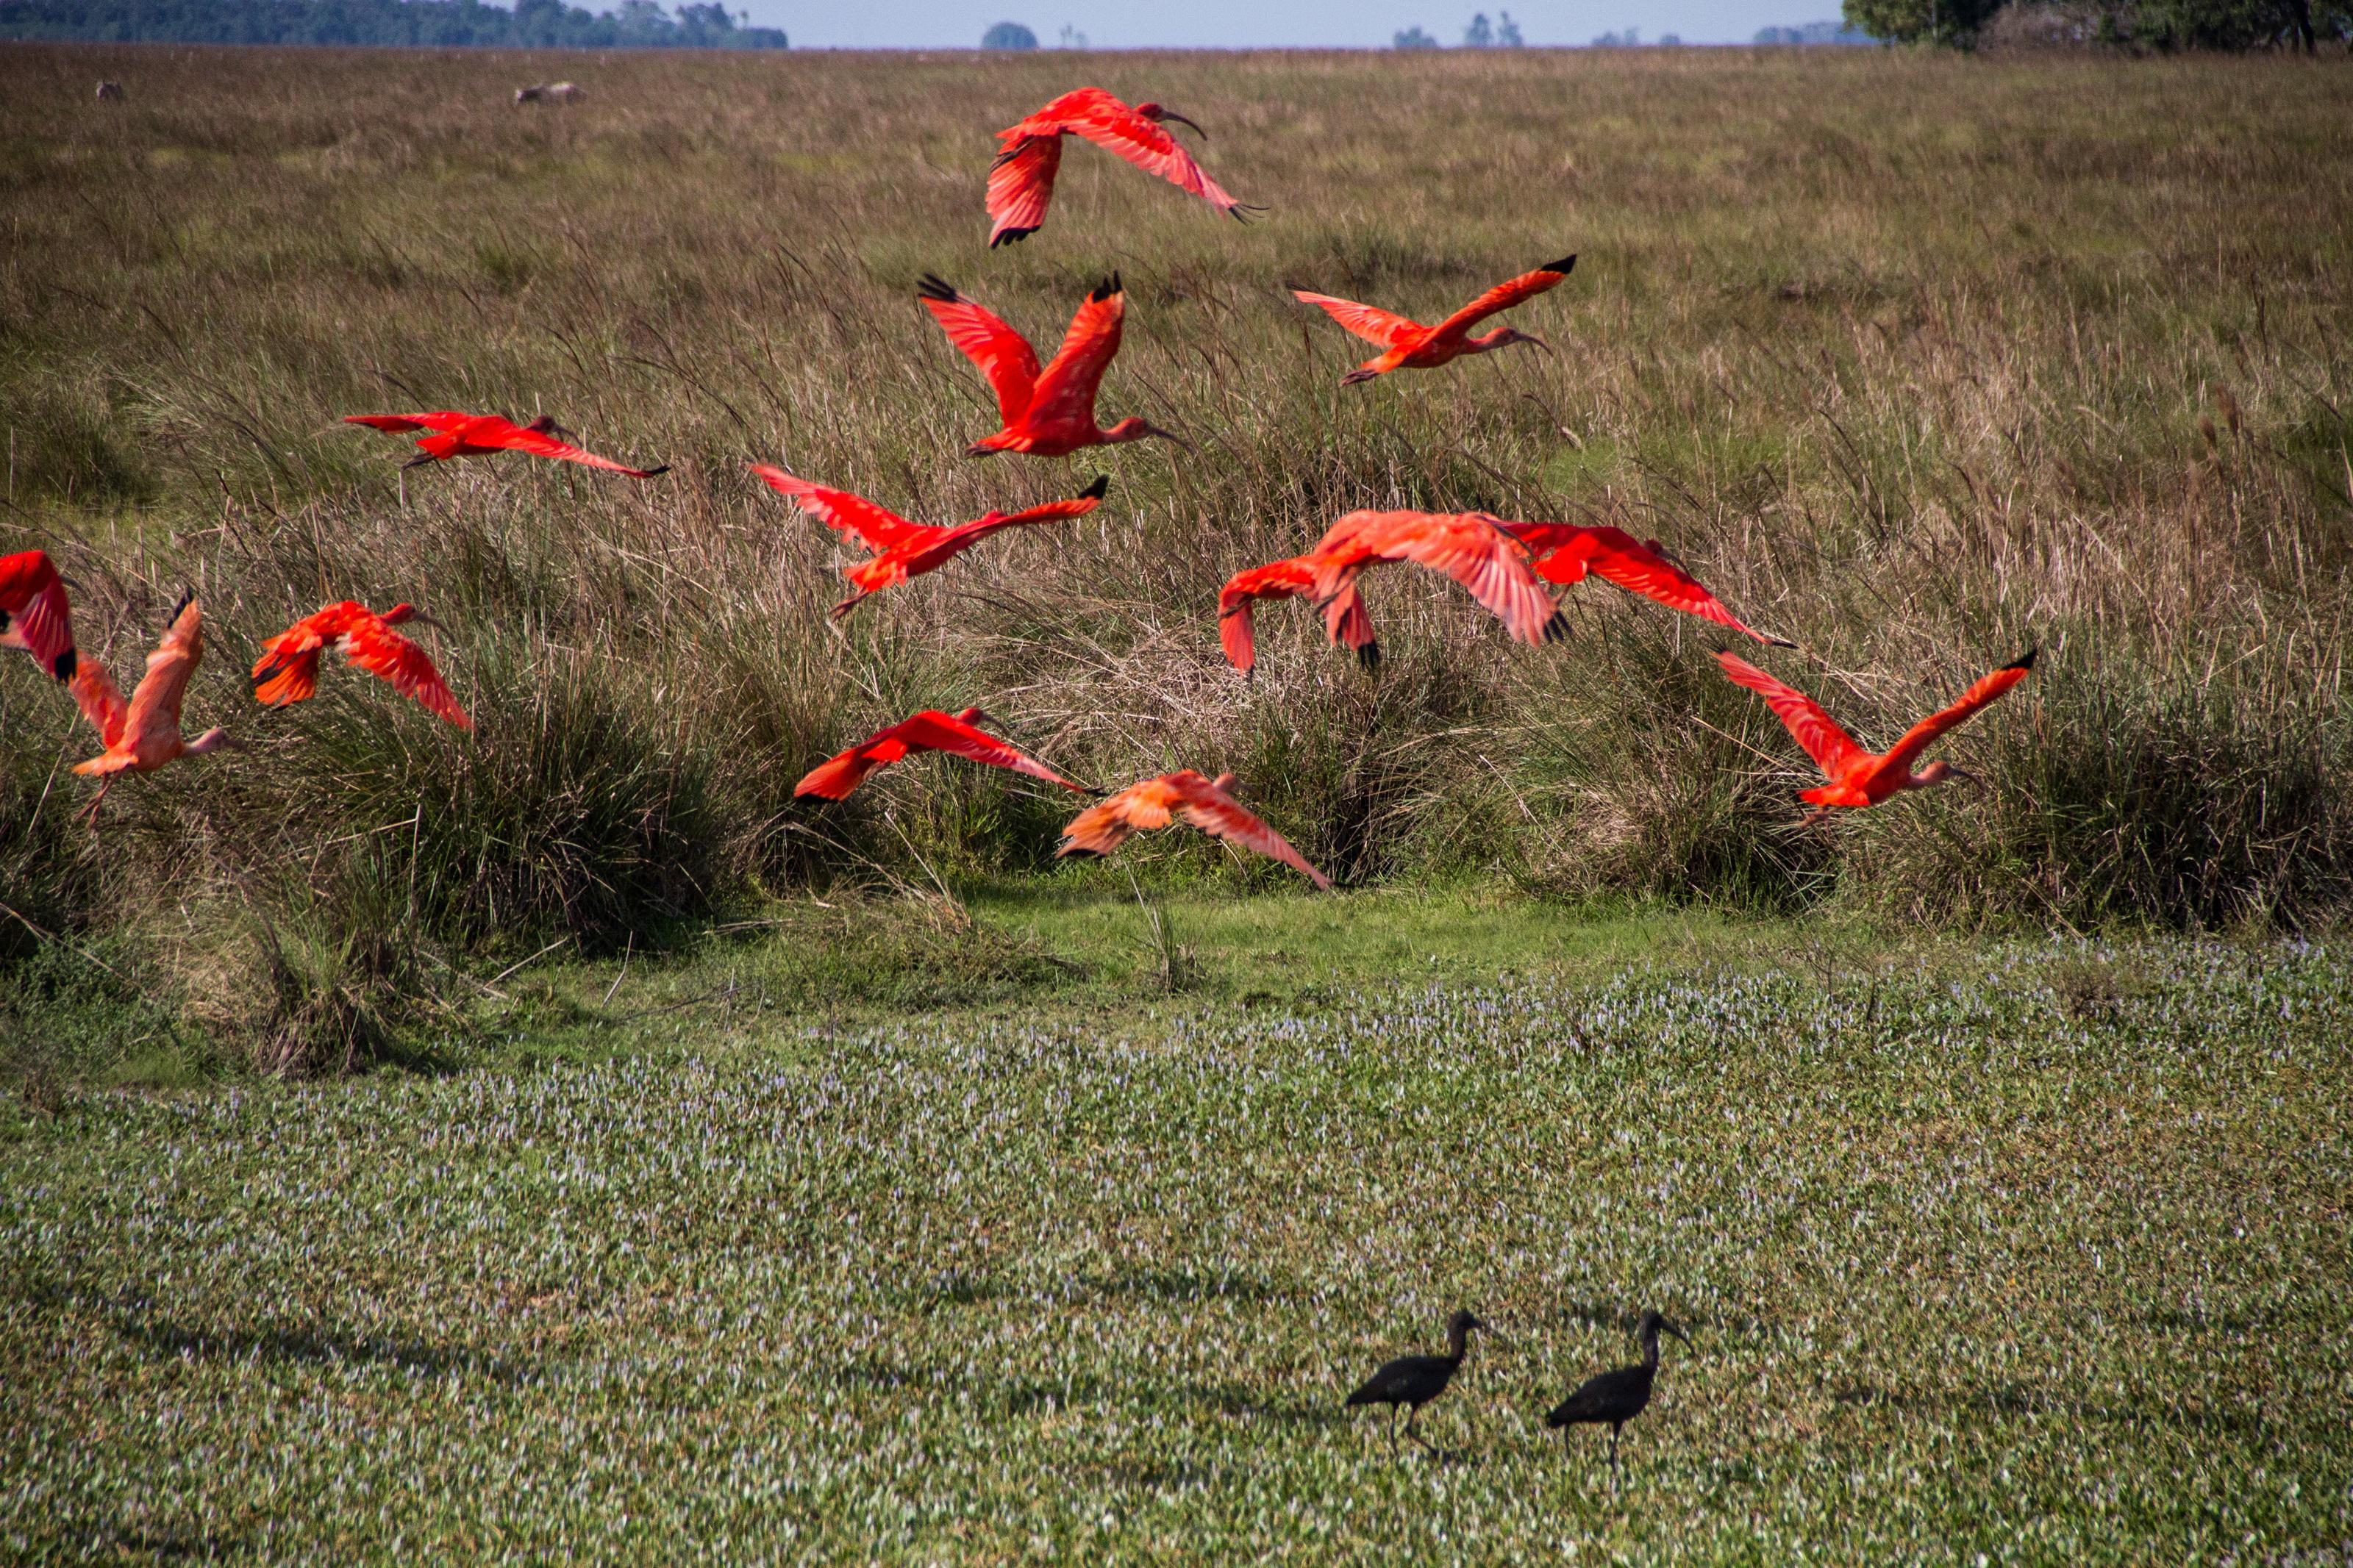 Los suelos, al estar inundados gran parte el año, hacen que lleguen una gran cantidad de aves migratorias. Foto: Rodrigo Durán Bahamón.